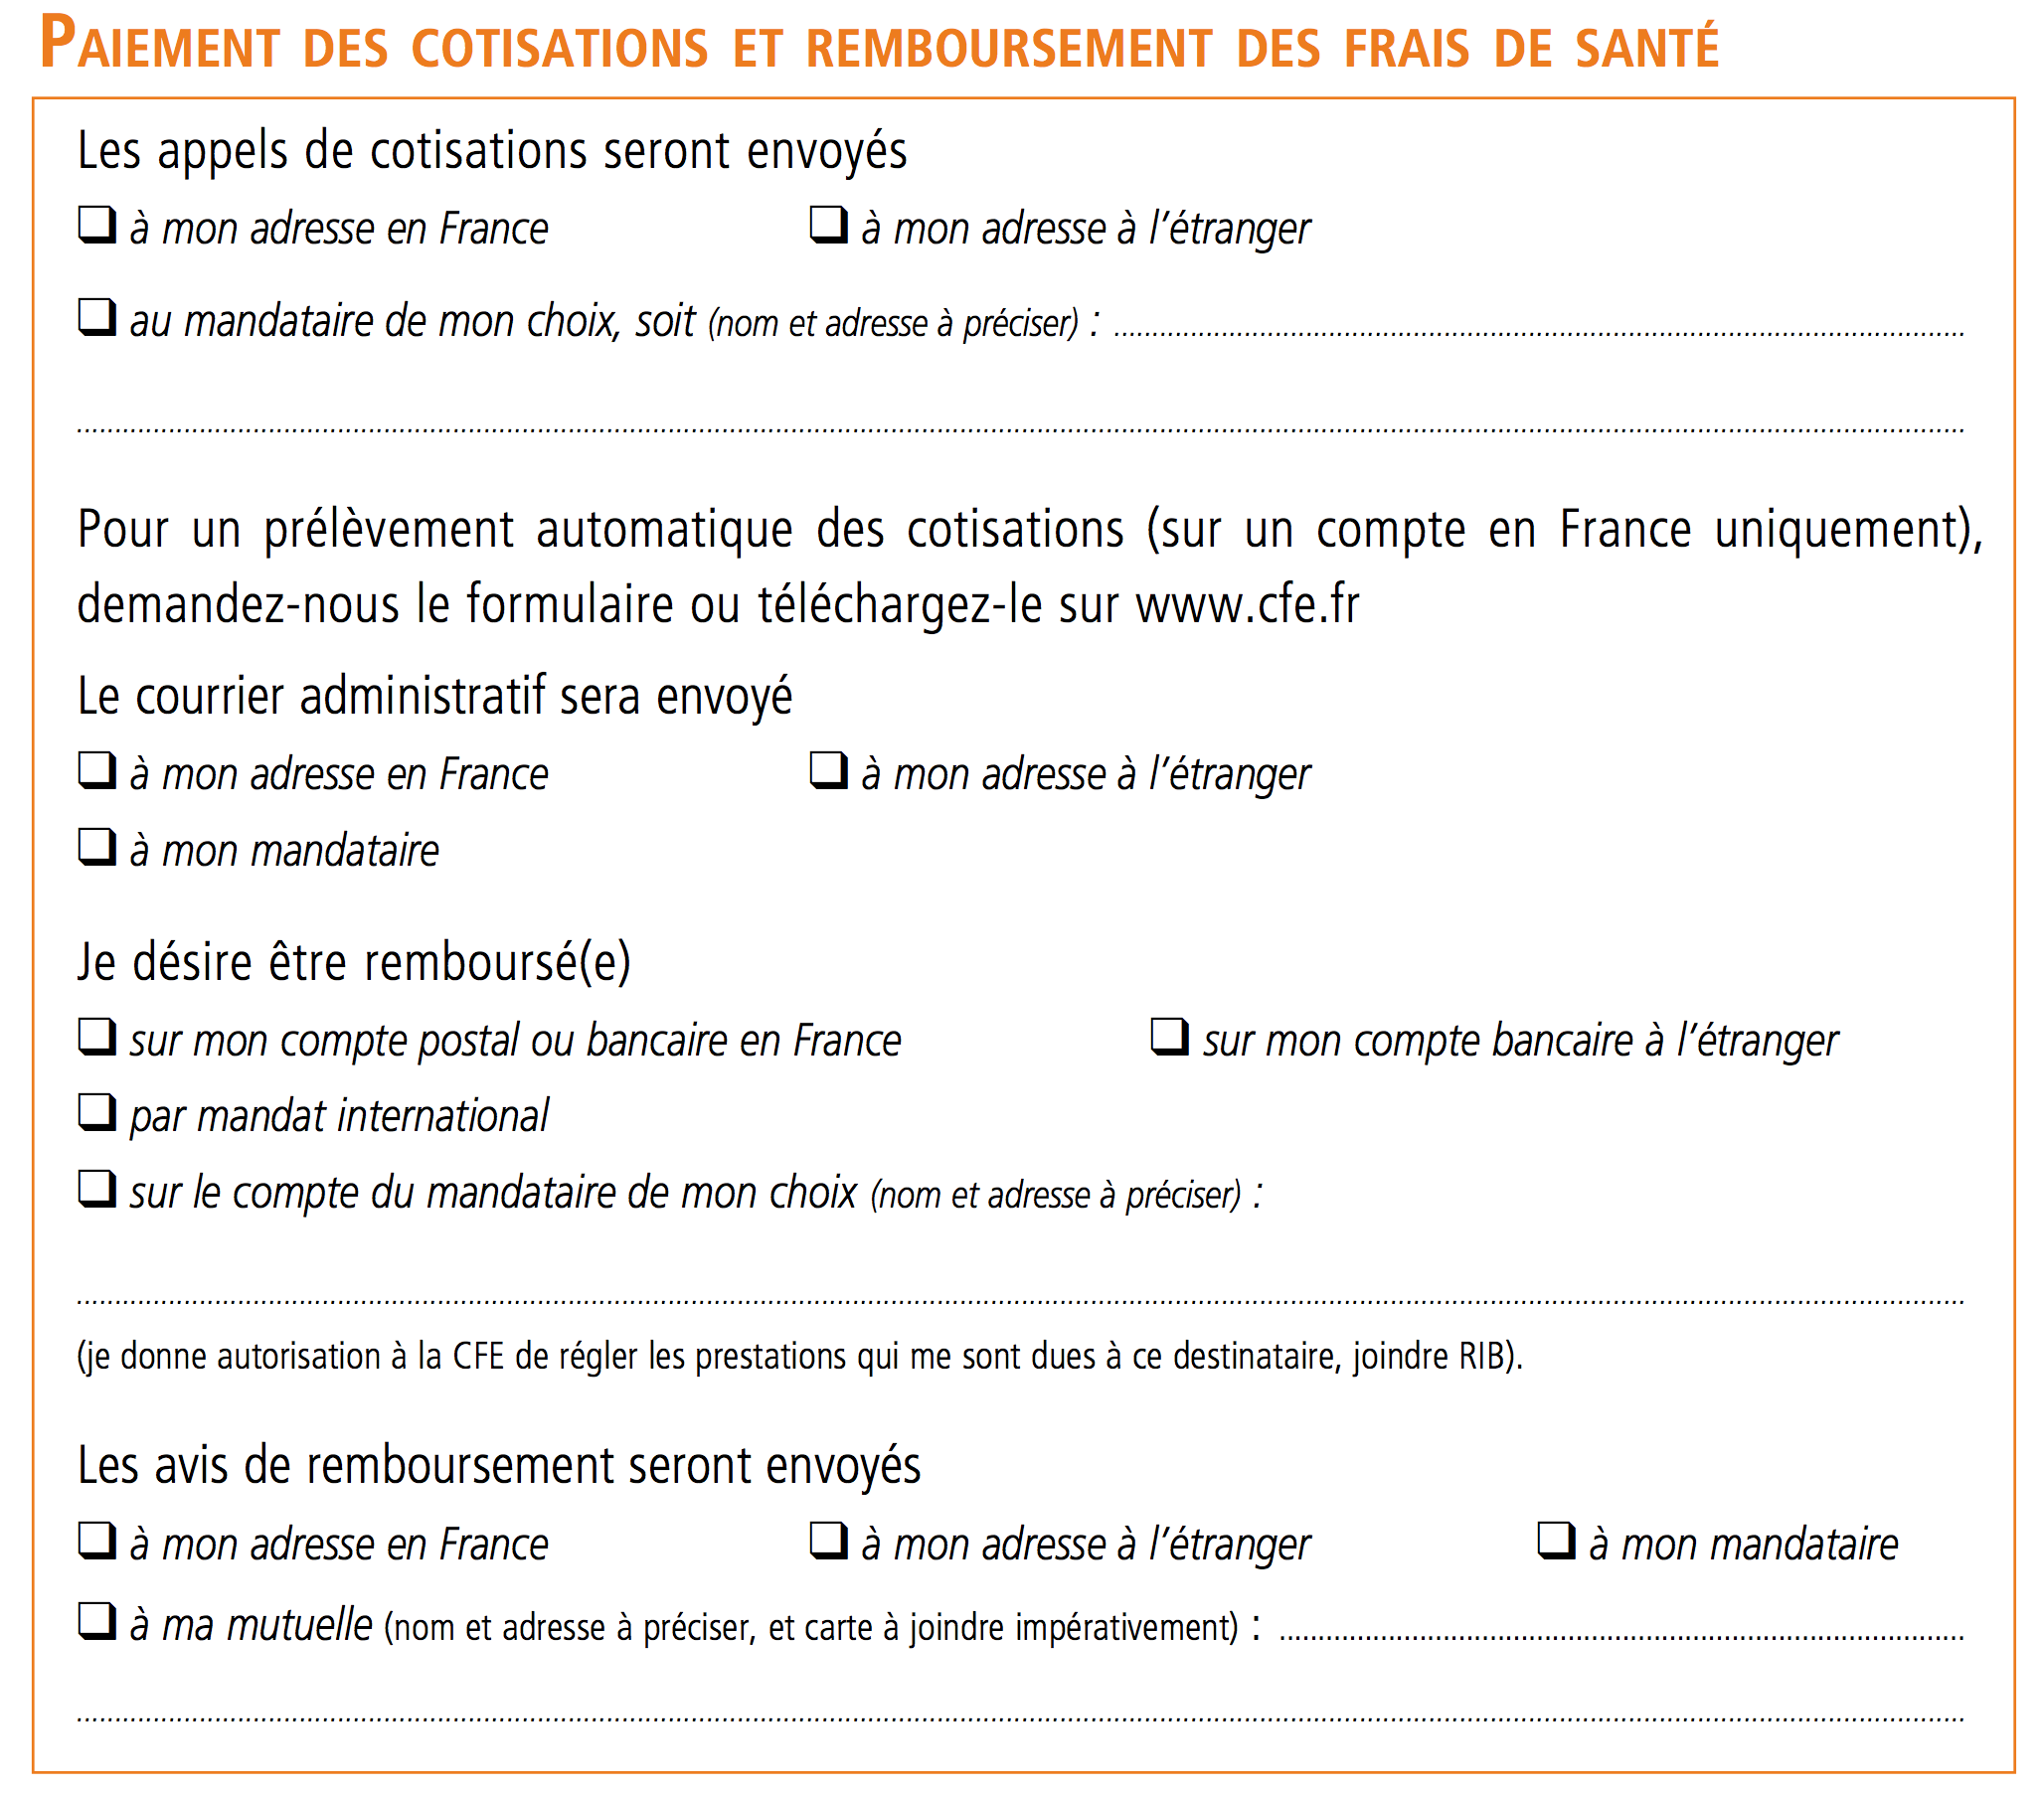 pre qualification téléphonique questions